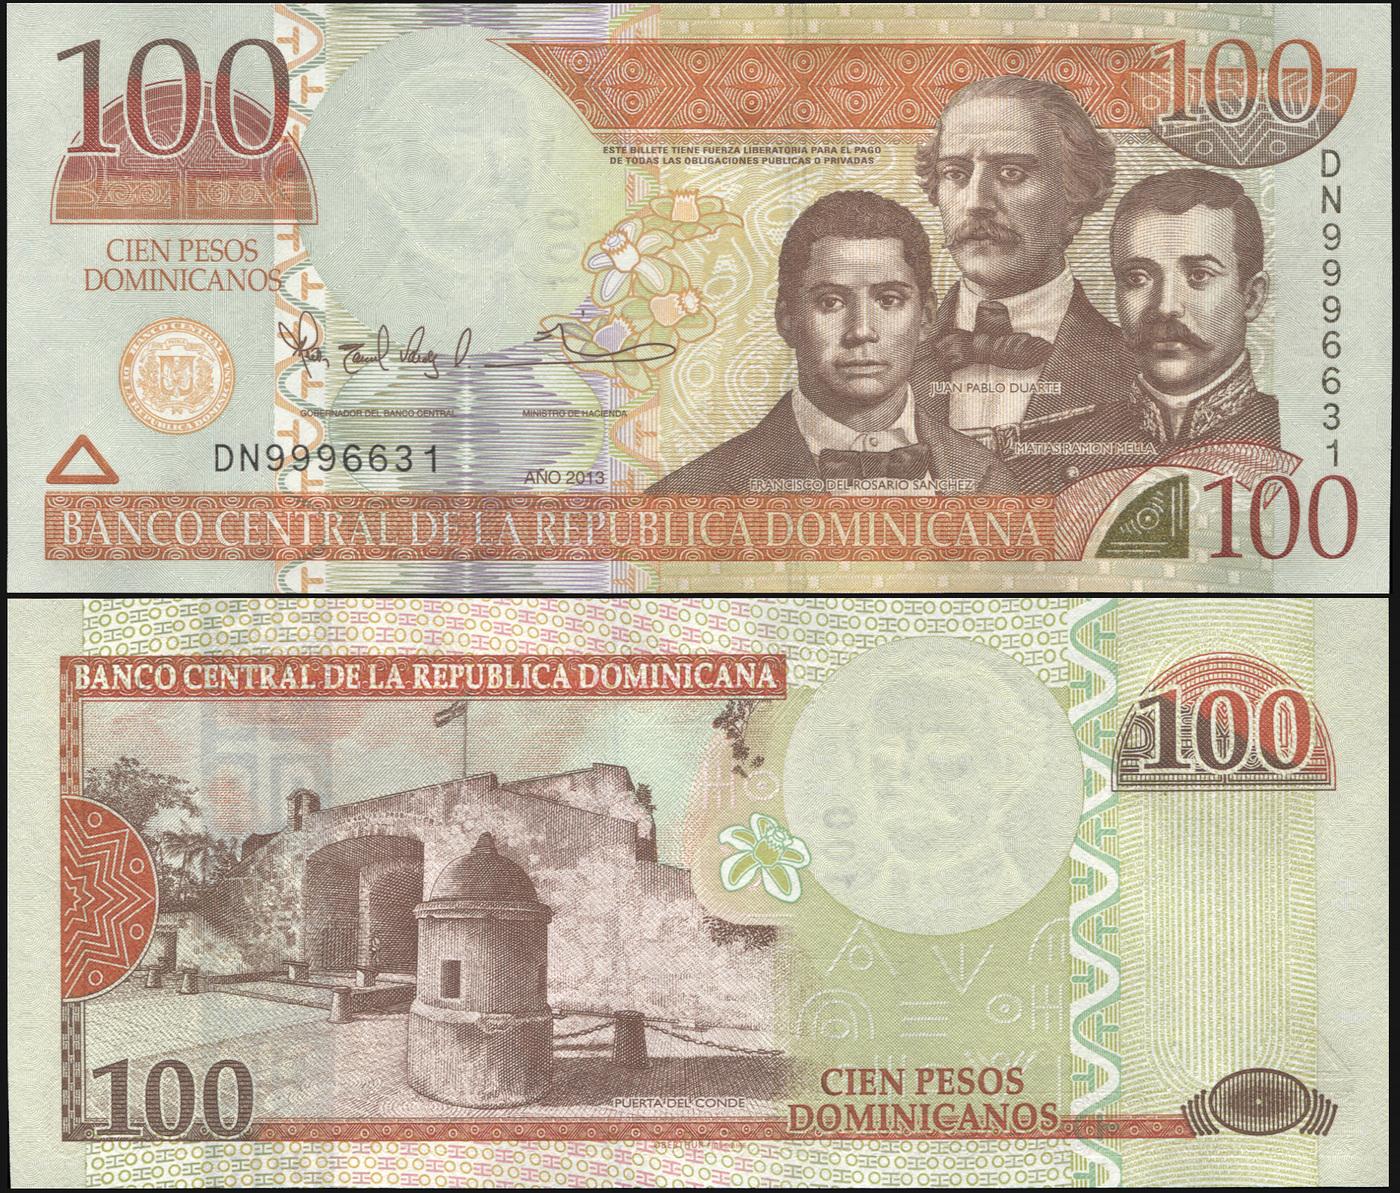 Банкнота. Доминиканская республика 100 песо доминикано. 2013 UNC. Кат.P.184b